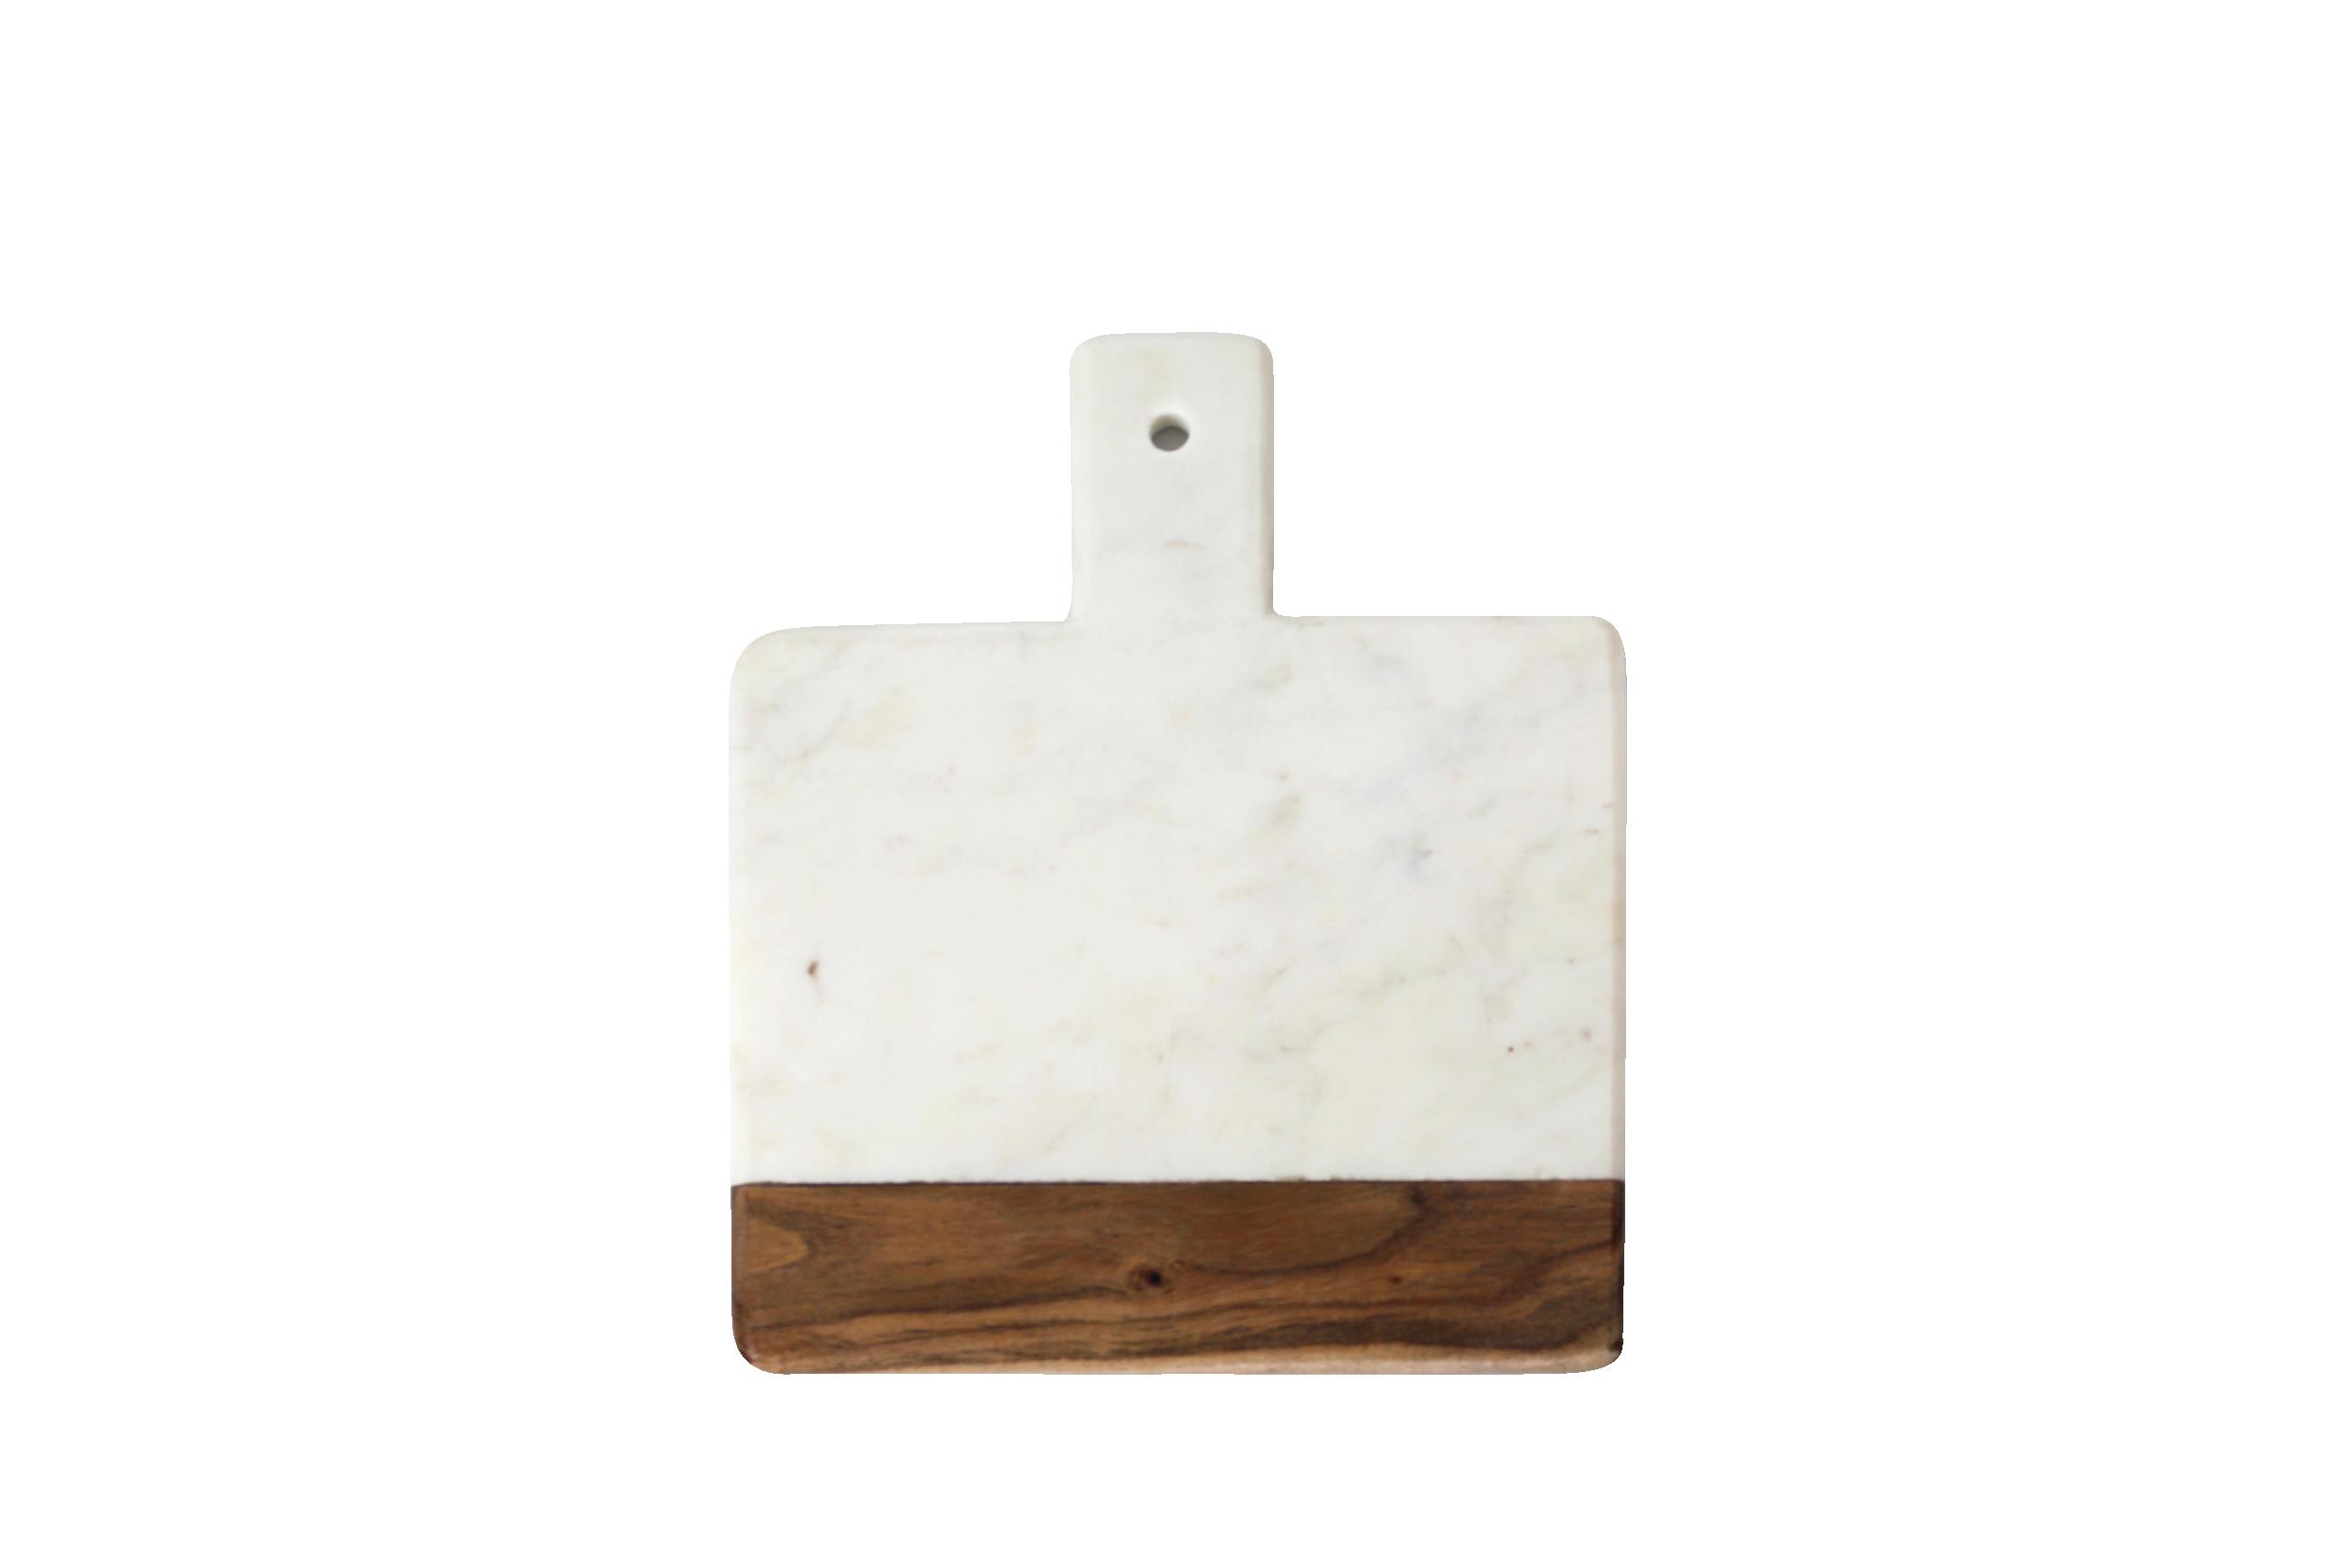 Planche en marbre blanc et bois d'acacia * Be Home